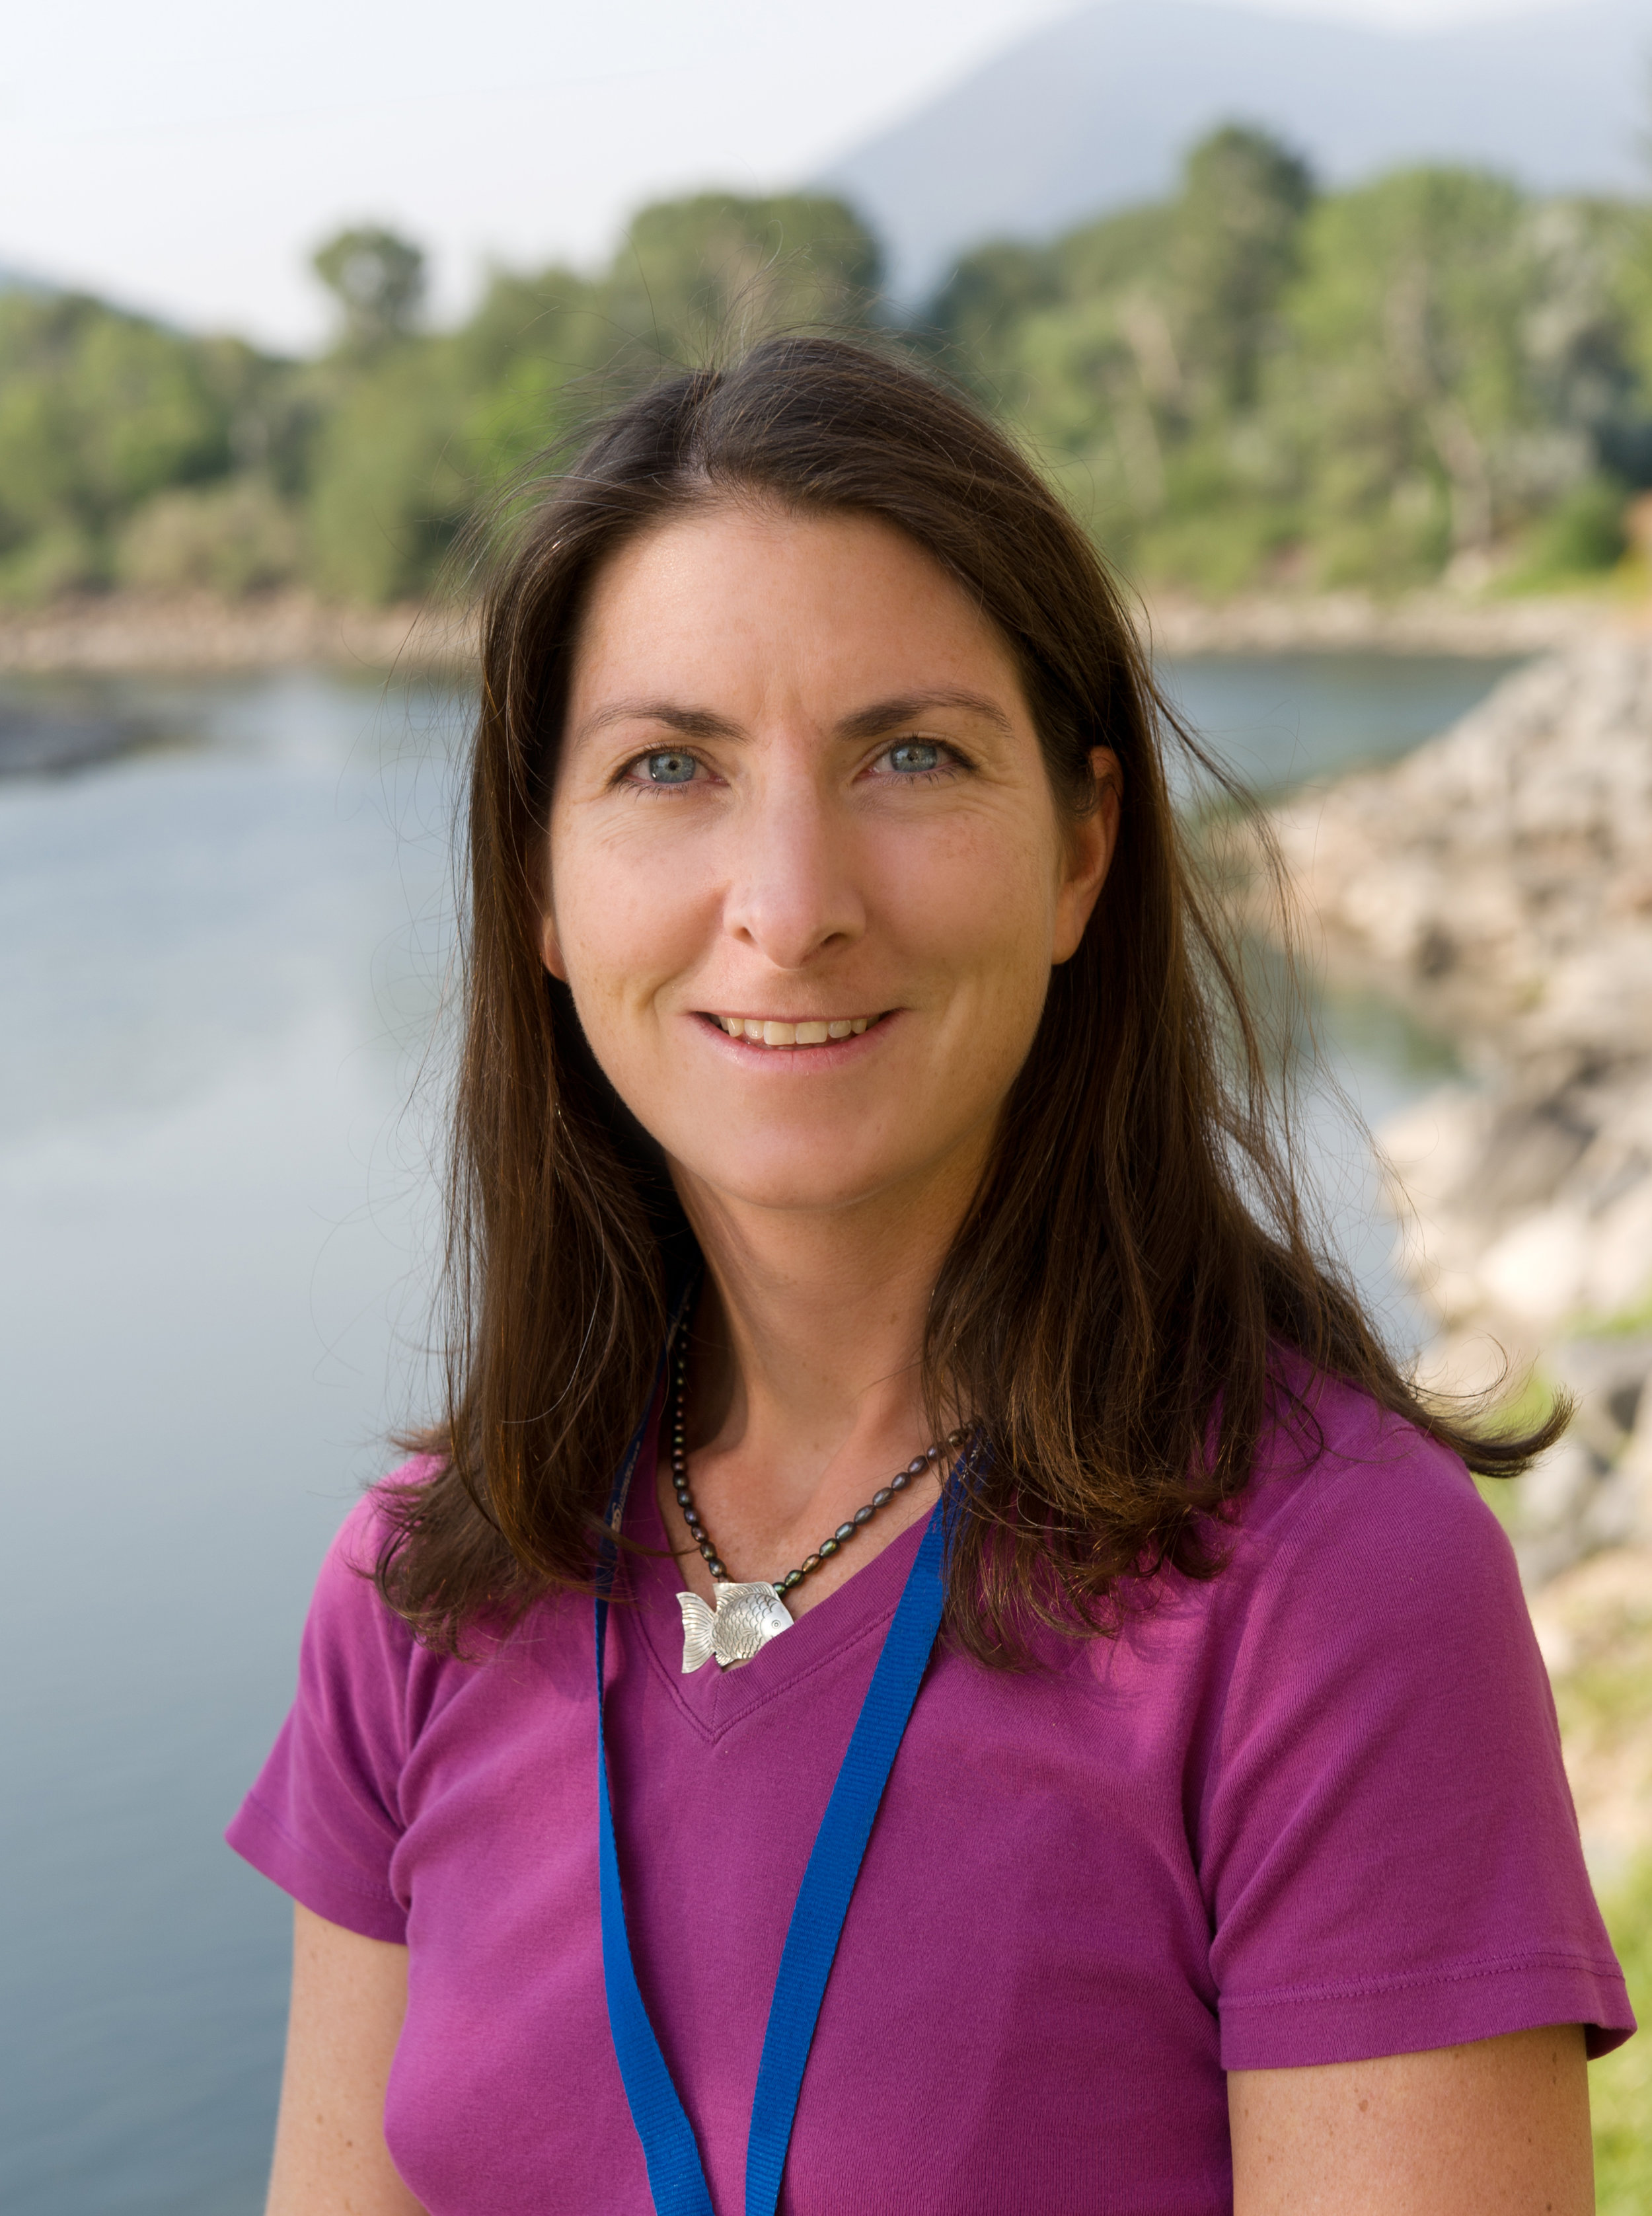 Jessica Wilcox